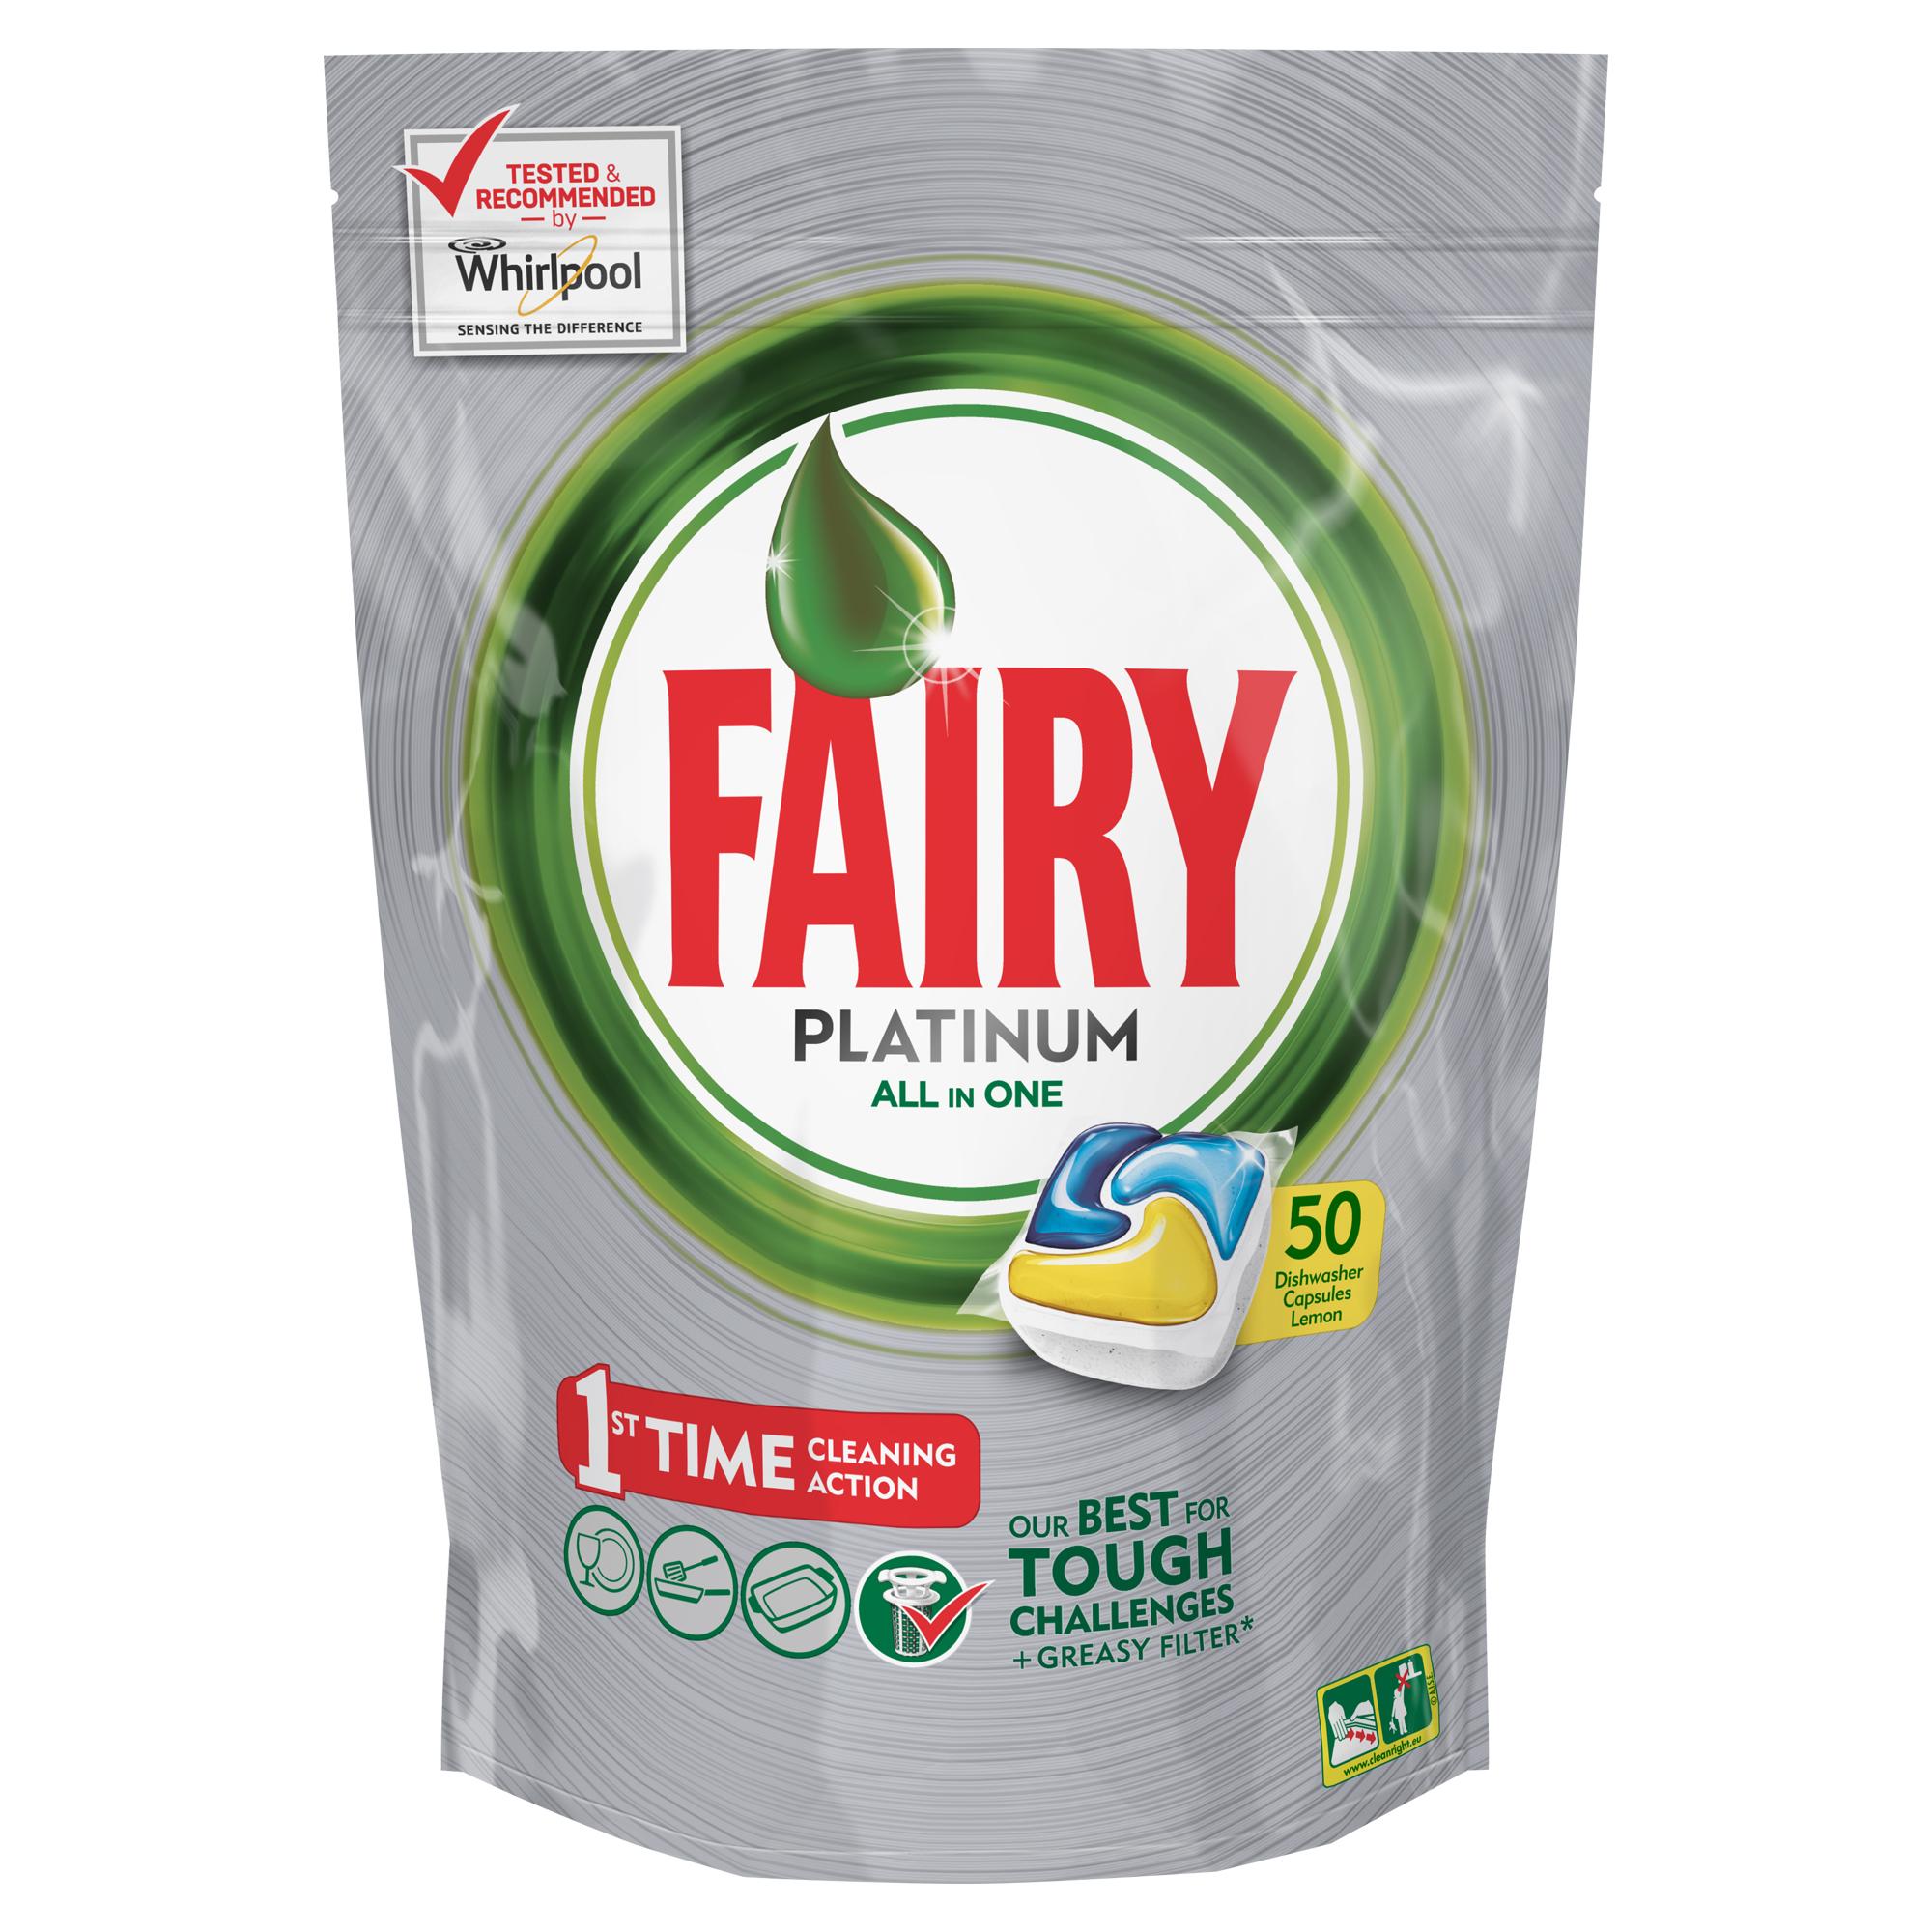 Капсулы для посудомоечной машины Fairy Platinum Лимон, 50 шт41619Капсулы для посудомоечной машины Fairy Platinum All in One идеально отмоют посуду с 1-го раза и безупречно справятся с любыми сложными загрязнениями – от засохшего и пригоревшего жира до пятен от чая. С новыми капсулами Fairy Platinum ваша посуда будет сиять благодаря специальной формуле с усилителем блеска. Теперь вы можете готовить что угодно и быть уверенным, что ваша машинка с легкостью справится с грязной посудой благодаря Fairy Platinum. Капсула растворяется гораздо быстрее, чем другие таблетки для посудомоечной машины, и поэтому начинает действовать немедленно. Кроме того, капсулы Fairy очень просты в использовании – просто поместите их в посудомоечную машину (не нужно распаковывать). Сила Fairy Platinum теперь и для посудомоечных машин! Лучшая формула Fairy для идеально чистой посуды с 1-го раза. Легко справится даже с засохшей и пригоревшей грязью. Капсулы для посудомоечной машины Fairy Platinum All in One dishwasher tablets Такой сильный, что очистит даже фильтр от посудомоечной машины. С добавлением соли и ополаскивателя, а так же с защитой стекла и серебра. Сохраняет приятный запах в посудомоечной машине Помогает предотвратить накопление жира на фильтре, системе спуска воды и разбрызгивателе Произведено и протестировано для использования во всех посудомоечных машинах. Готовы к использованию. Не нужно разворачивать. 1 капсула = 1 загрузка. Поместите капсулу в отсек для моющего средства и сразу закройте. Брать капсулу только сухими руками. Не разворачивайте и не прокалывайте капсулу. Закрывайте пакет после каждого использования.